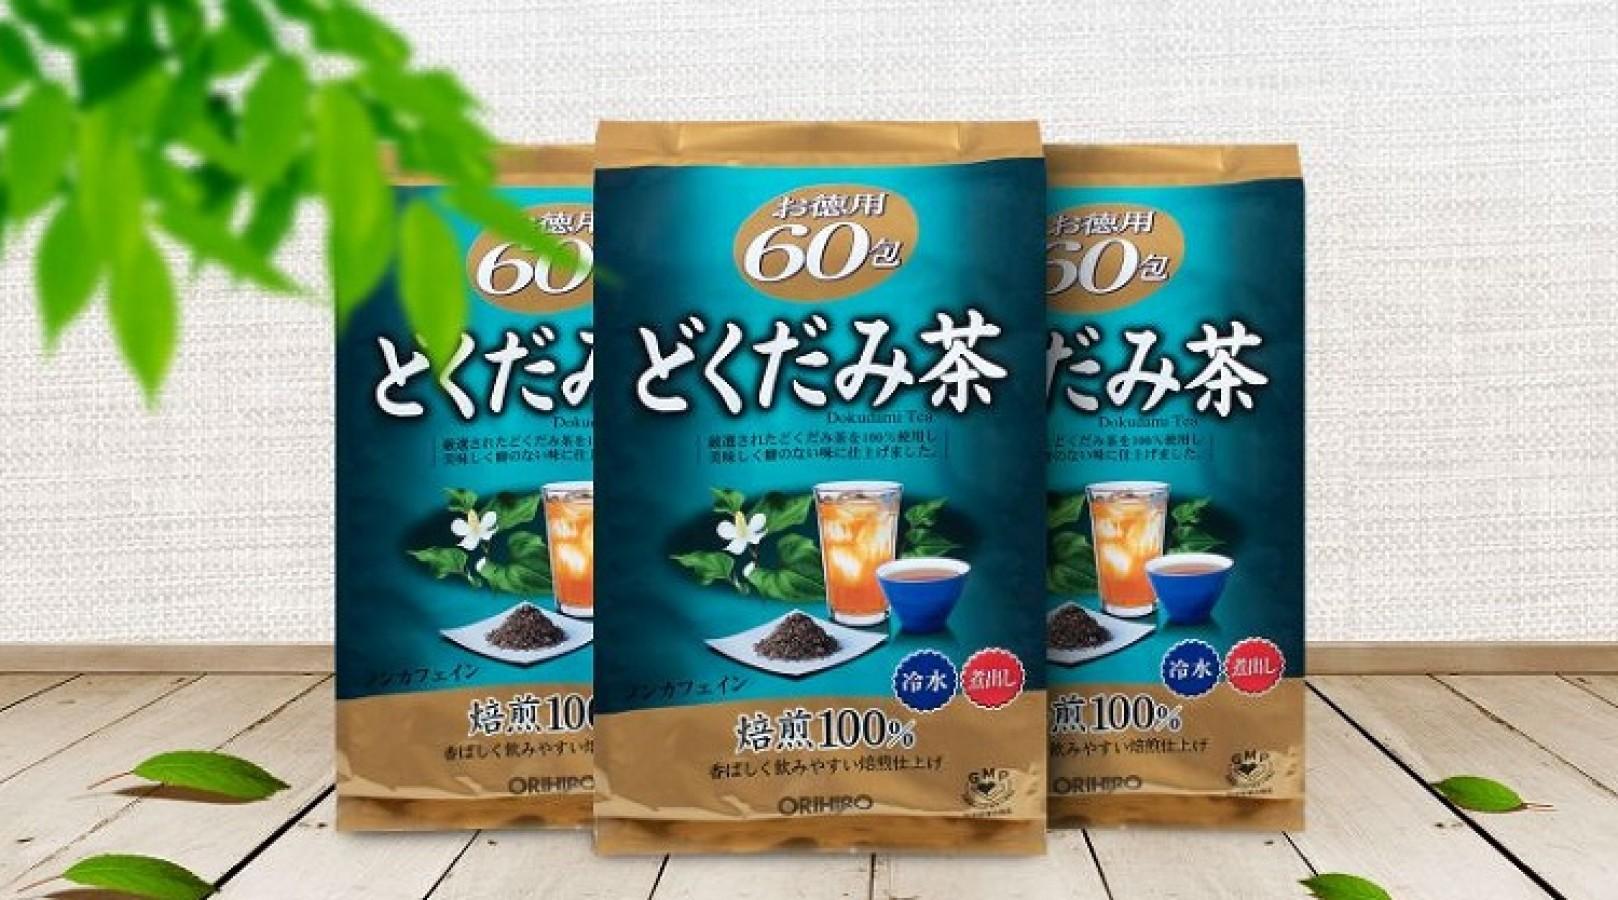 Trà Diếp Cá Dokudami Orihiro Thanh Lọc Cơ Thể Của Nhật